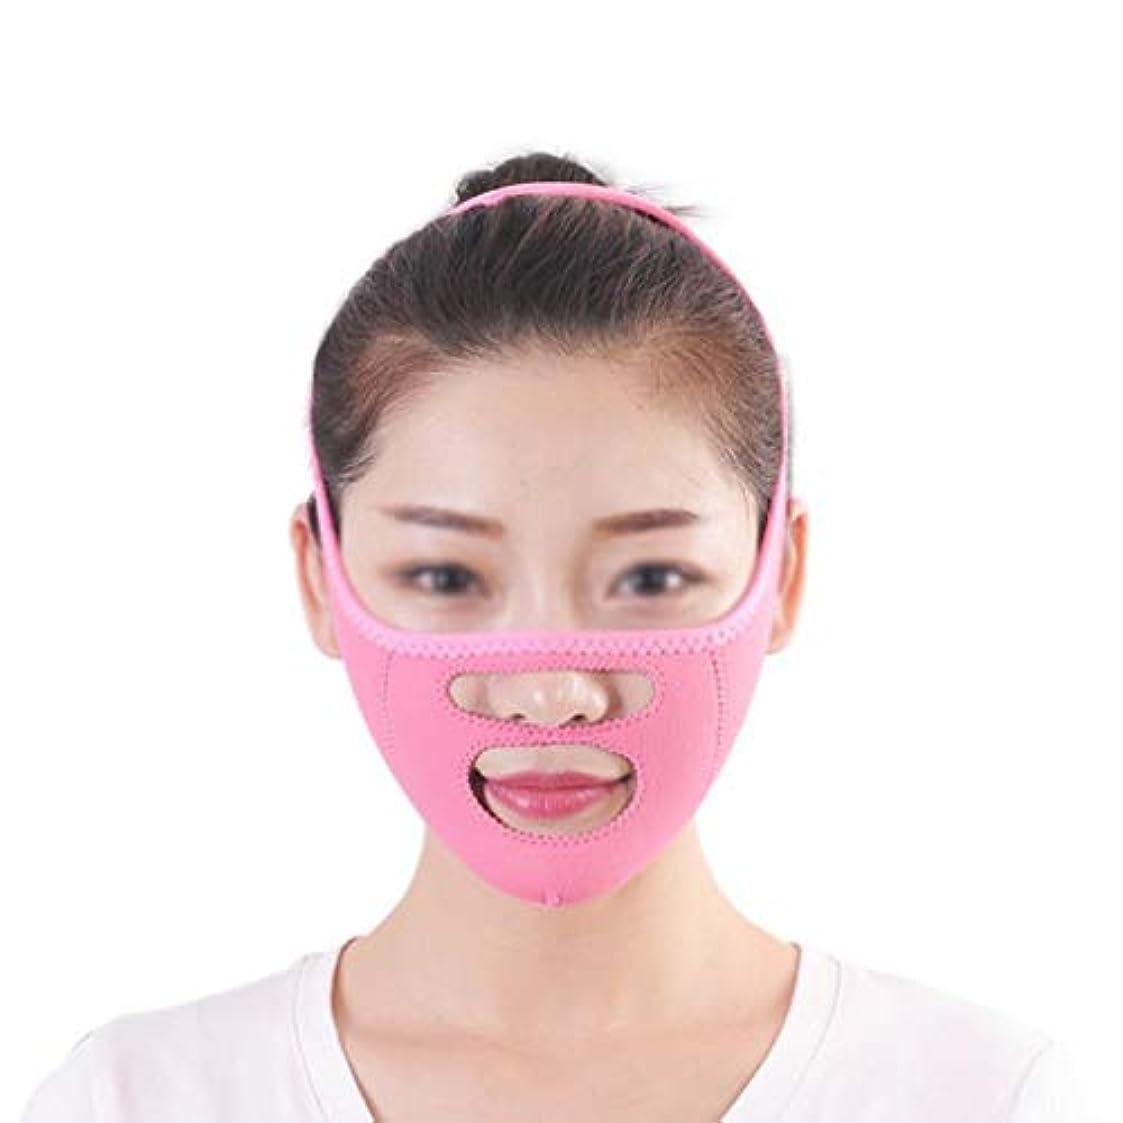 クルーズコーナー一口ZWBD フェイスマスク, 薄い顔のアーティファクト包帯Vの顔薄い咬筋補正Vの顔のアーティファクトを整形して、身体の健康の引き締めを改善する